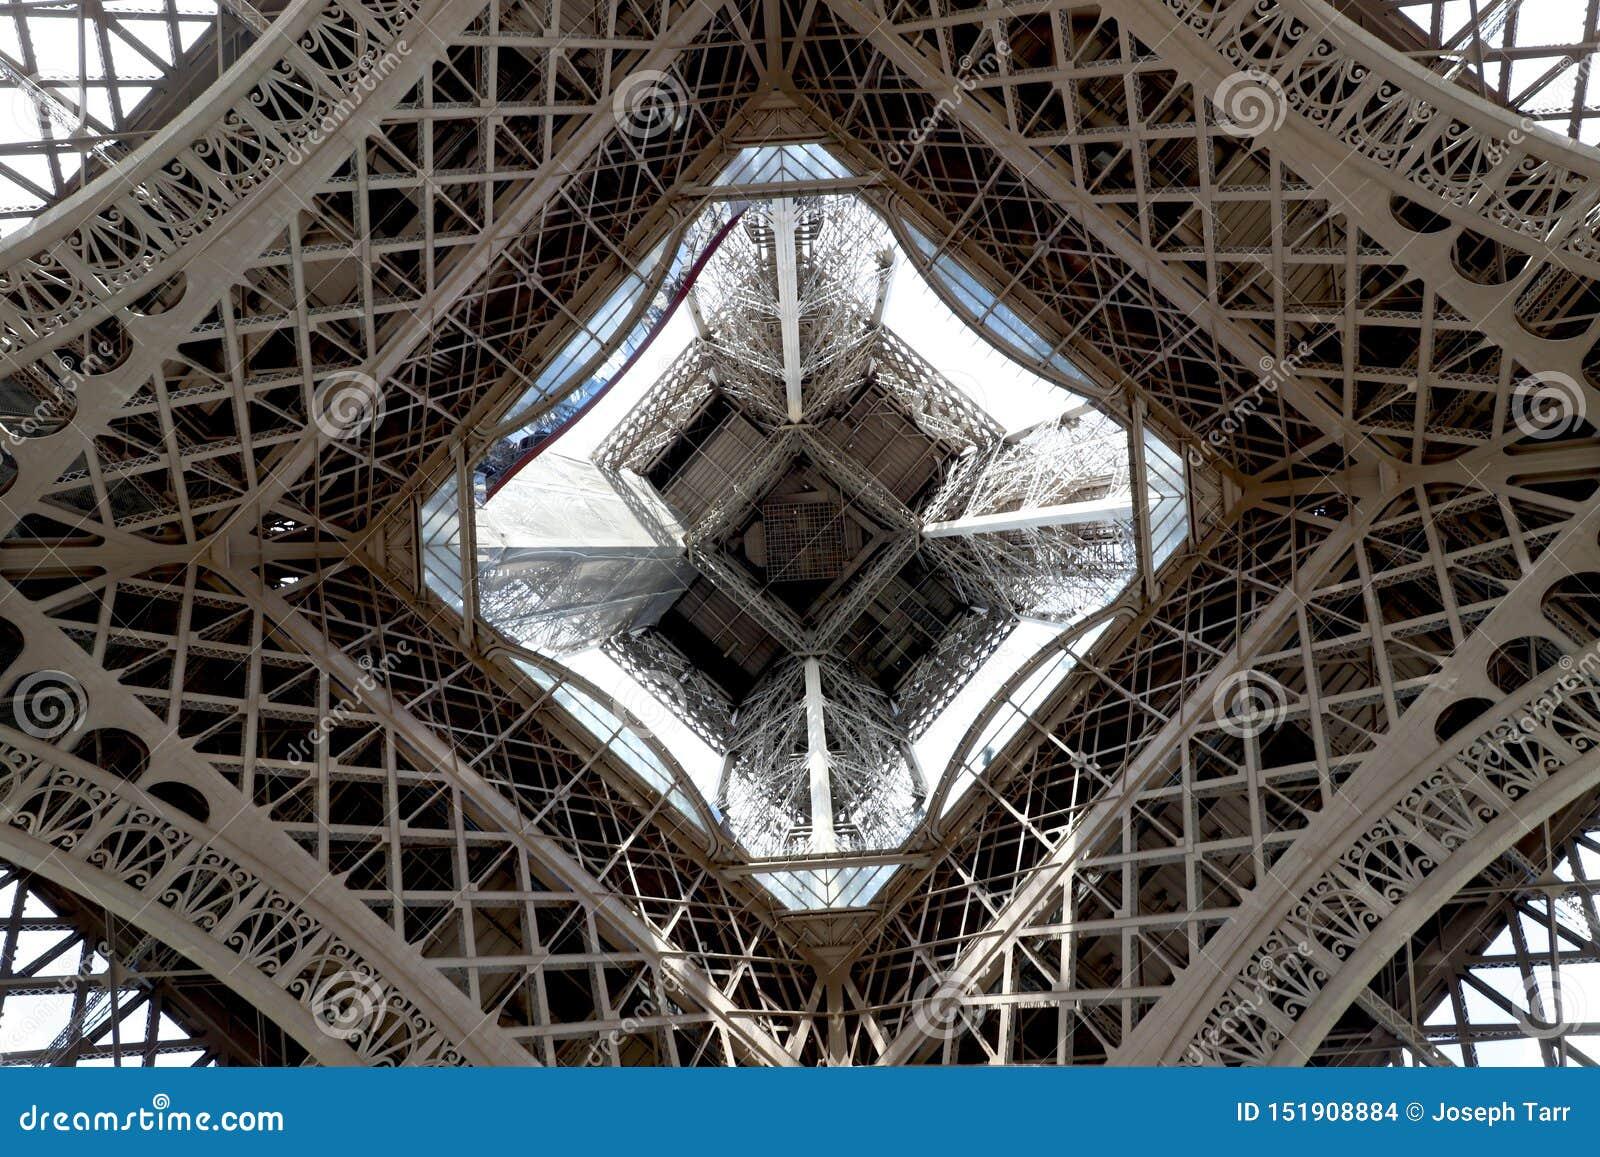 Tour Eiffel a centré le regard vers le haut du niveau du sol